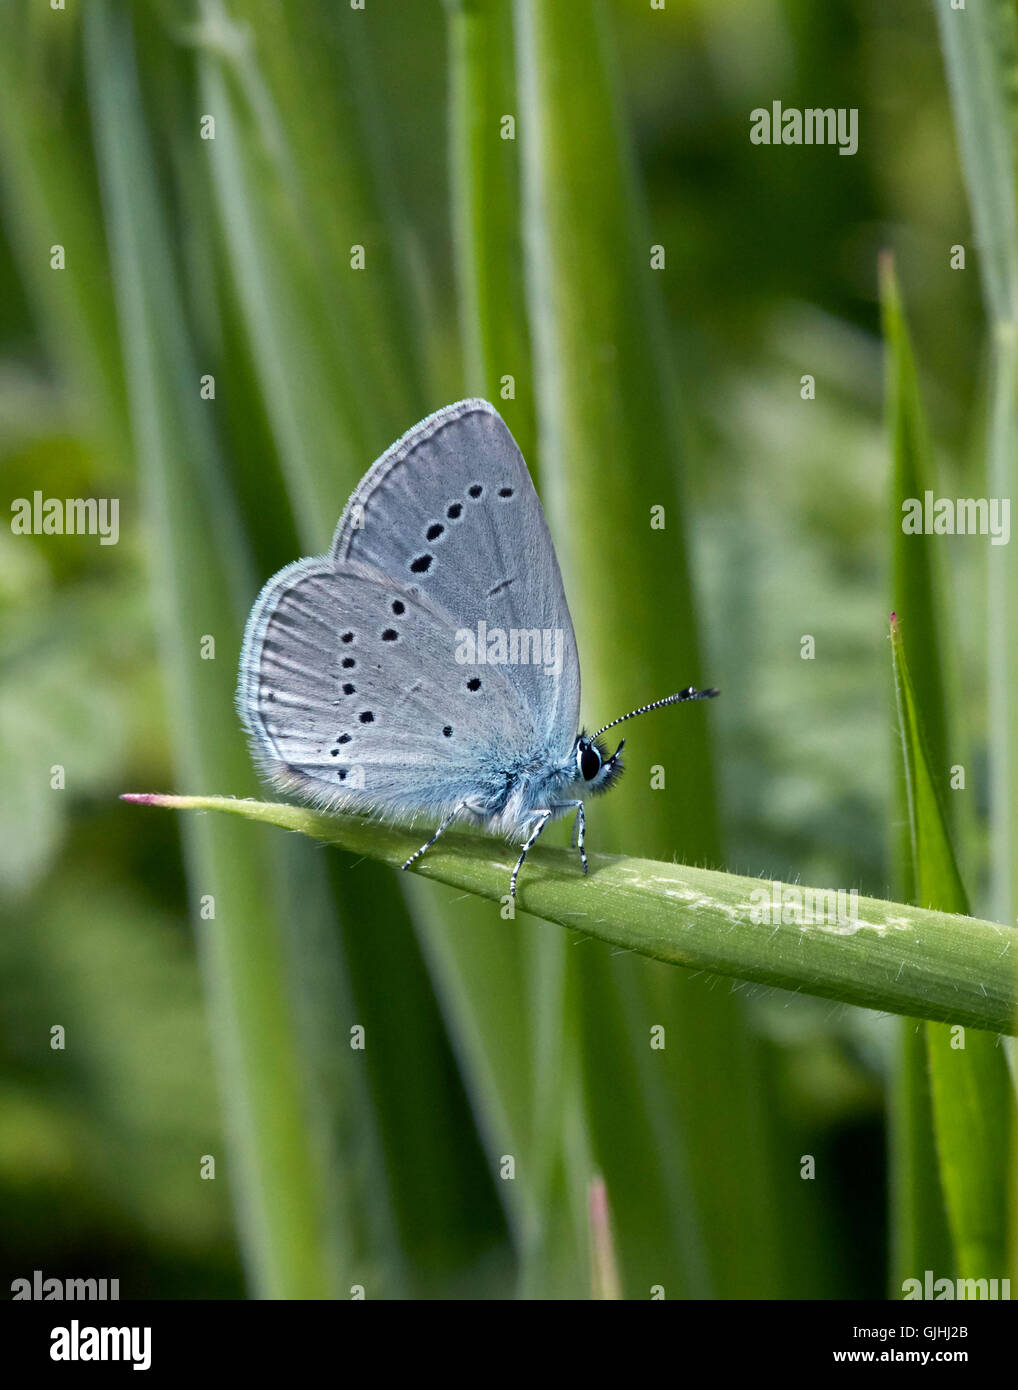 Kleiner blauer Schmetterling thront auf dem Rasen.  Howell Hill Naturschutzgebiet, Ewell, Surrey, England. Stockbild